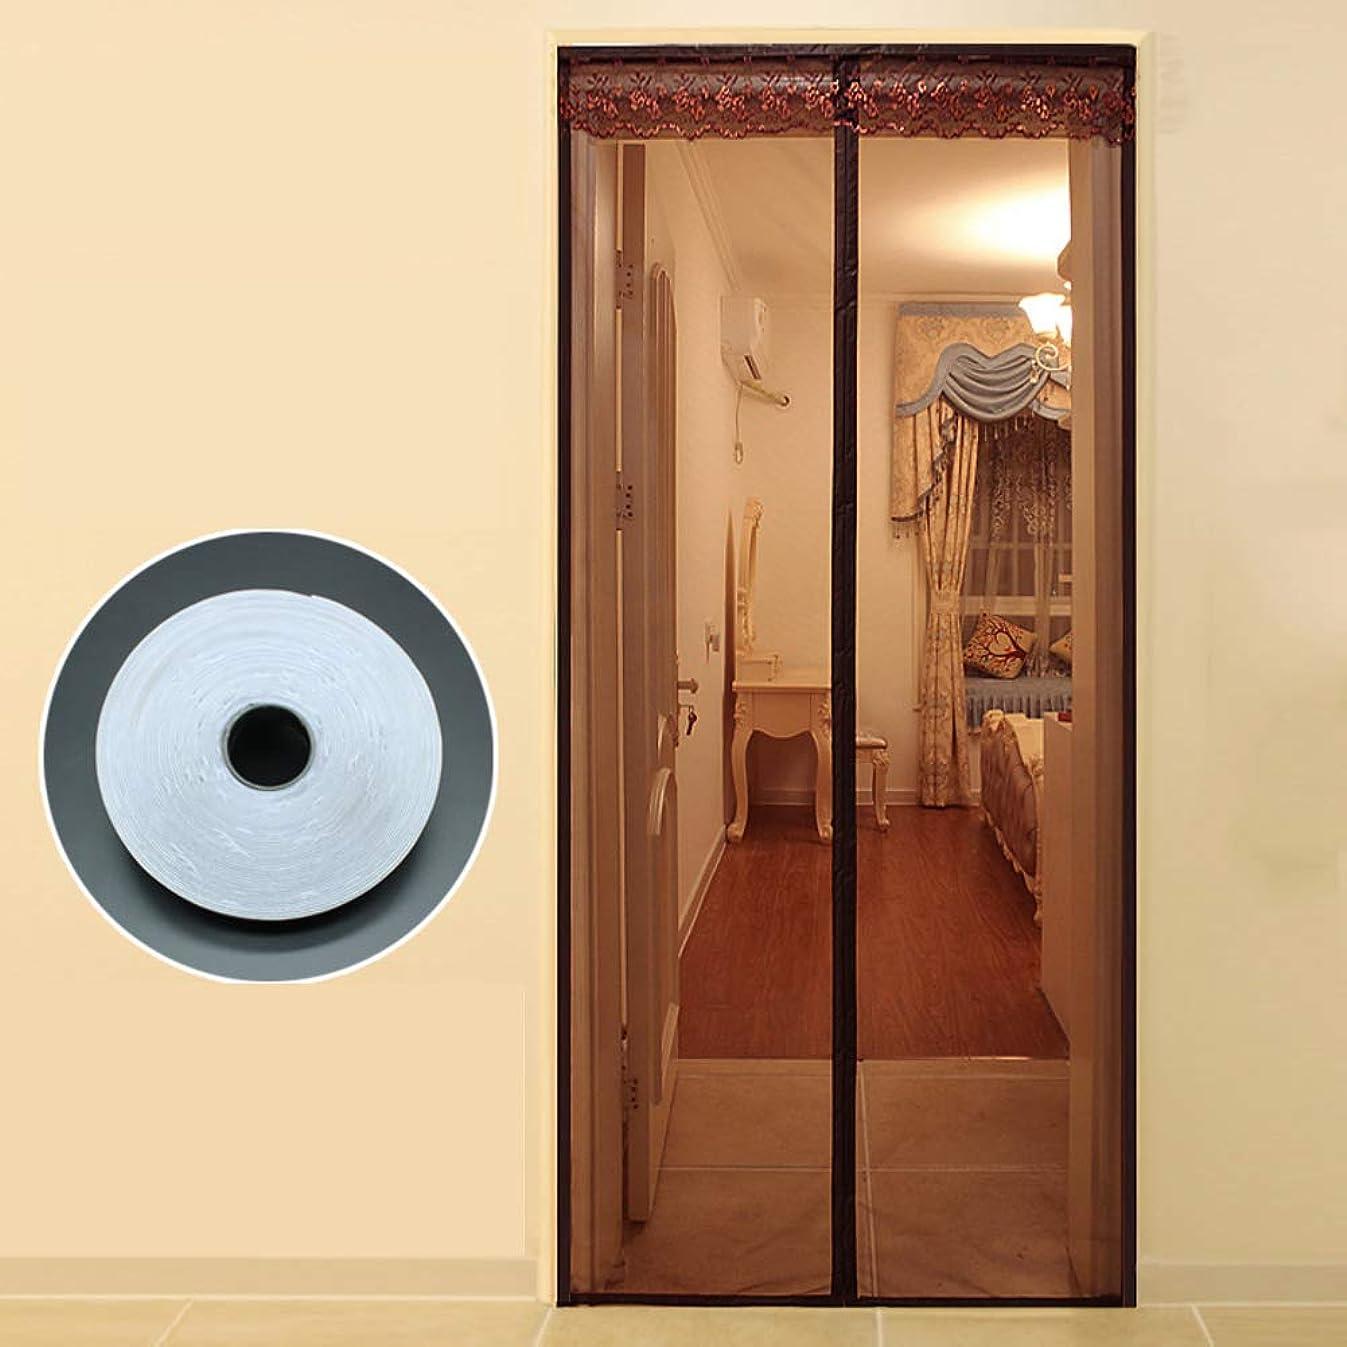 中絶オーディション調整する網戸 マグネット式, ダブル メッシュ カーテン と マジックテープ付き の 玄関 そして ホーム 外 子供 ペット 歩く 簡単に収まる-b 150x240cm